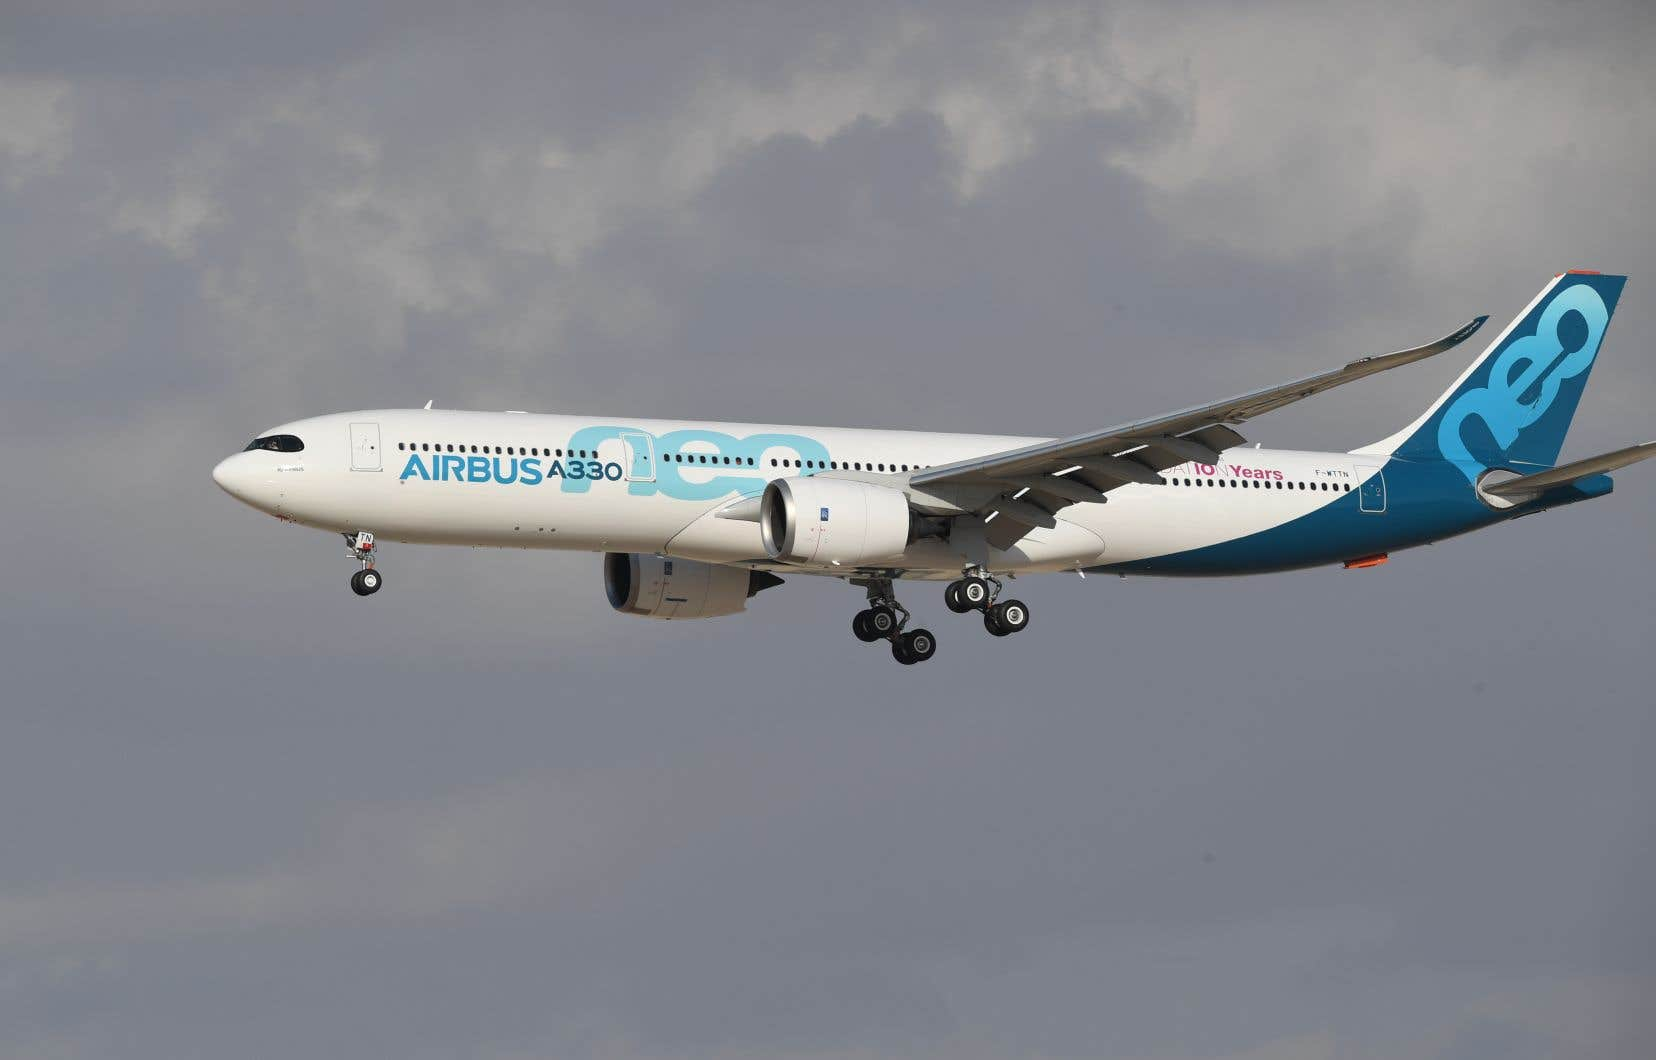 L'affaire Airbus est née de l'auto-dénonciation d'irrégularités en avril 2016 par son patron de l'époque, Tom Enders, auprès du Serious Fraud Office britannique.